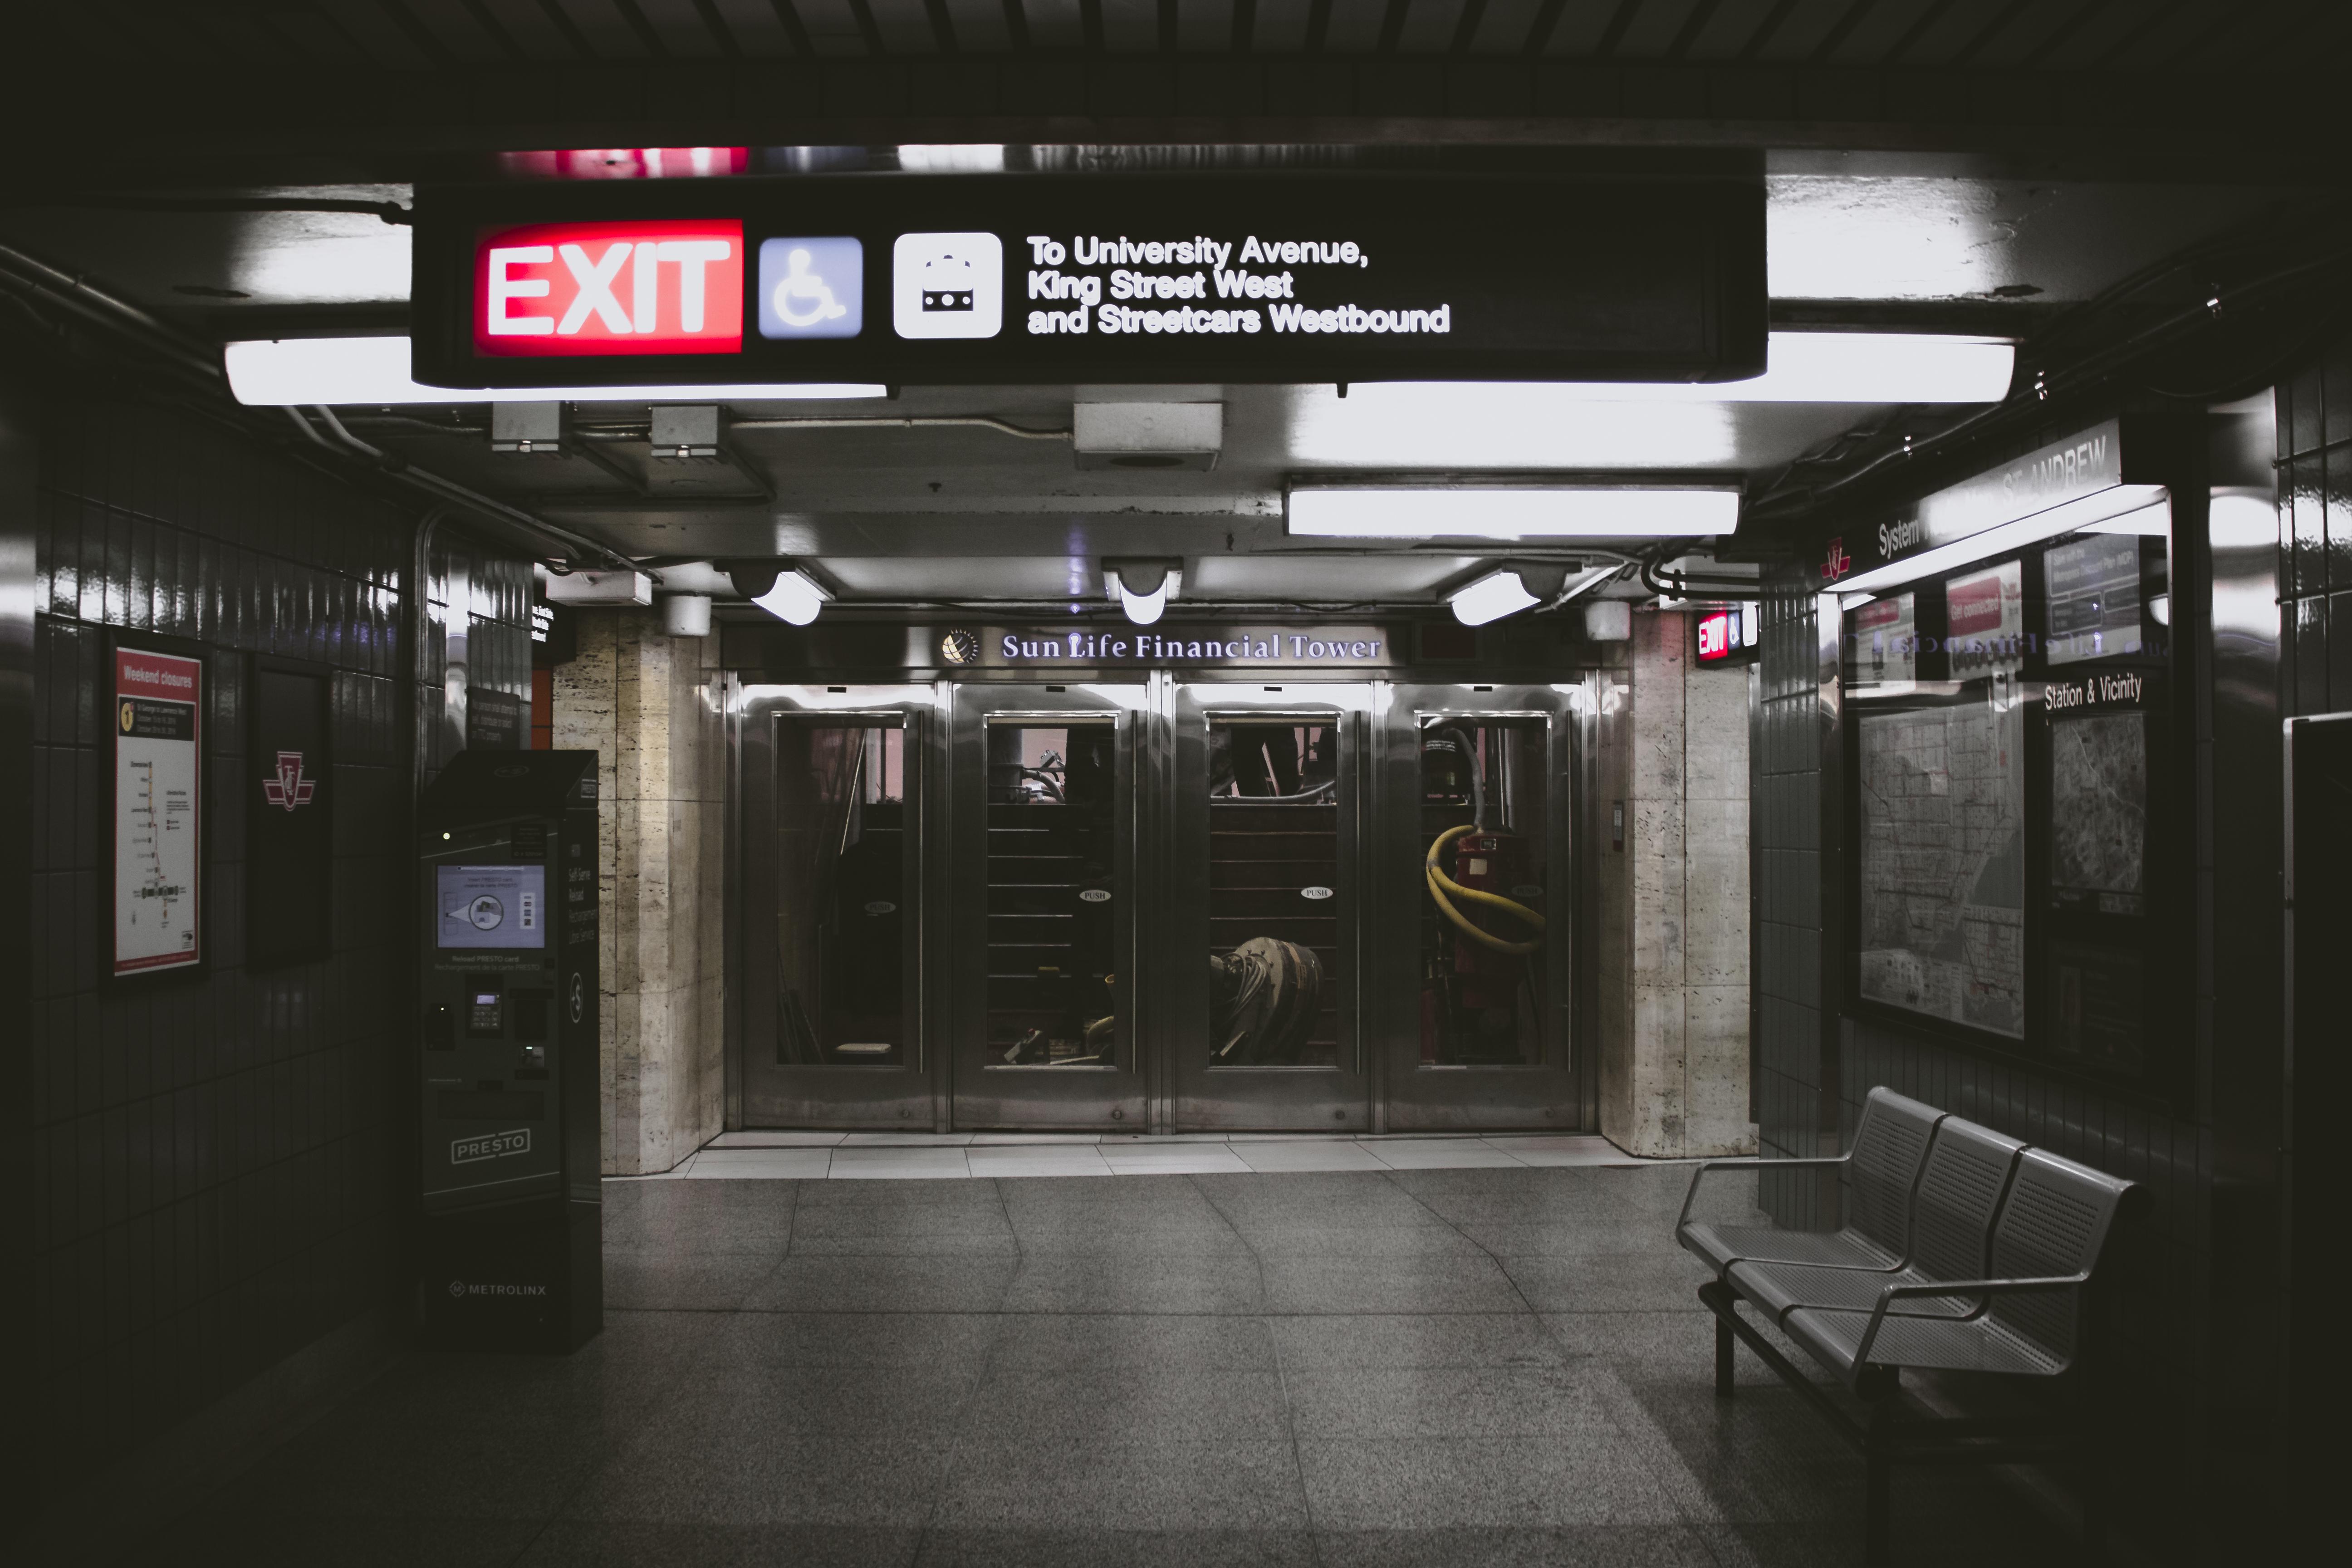 Stehlen Design kostenlose foto bank glas reise dunkel stehlen transport